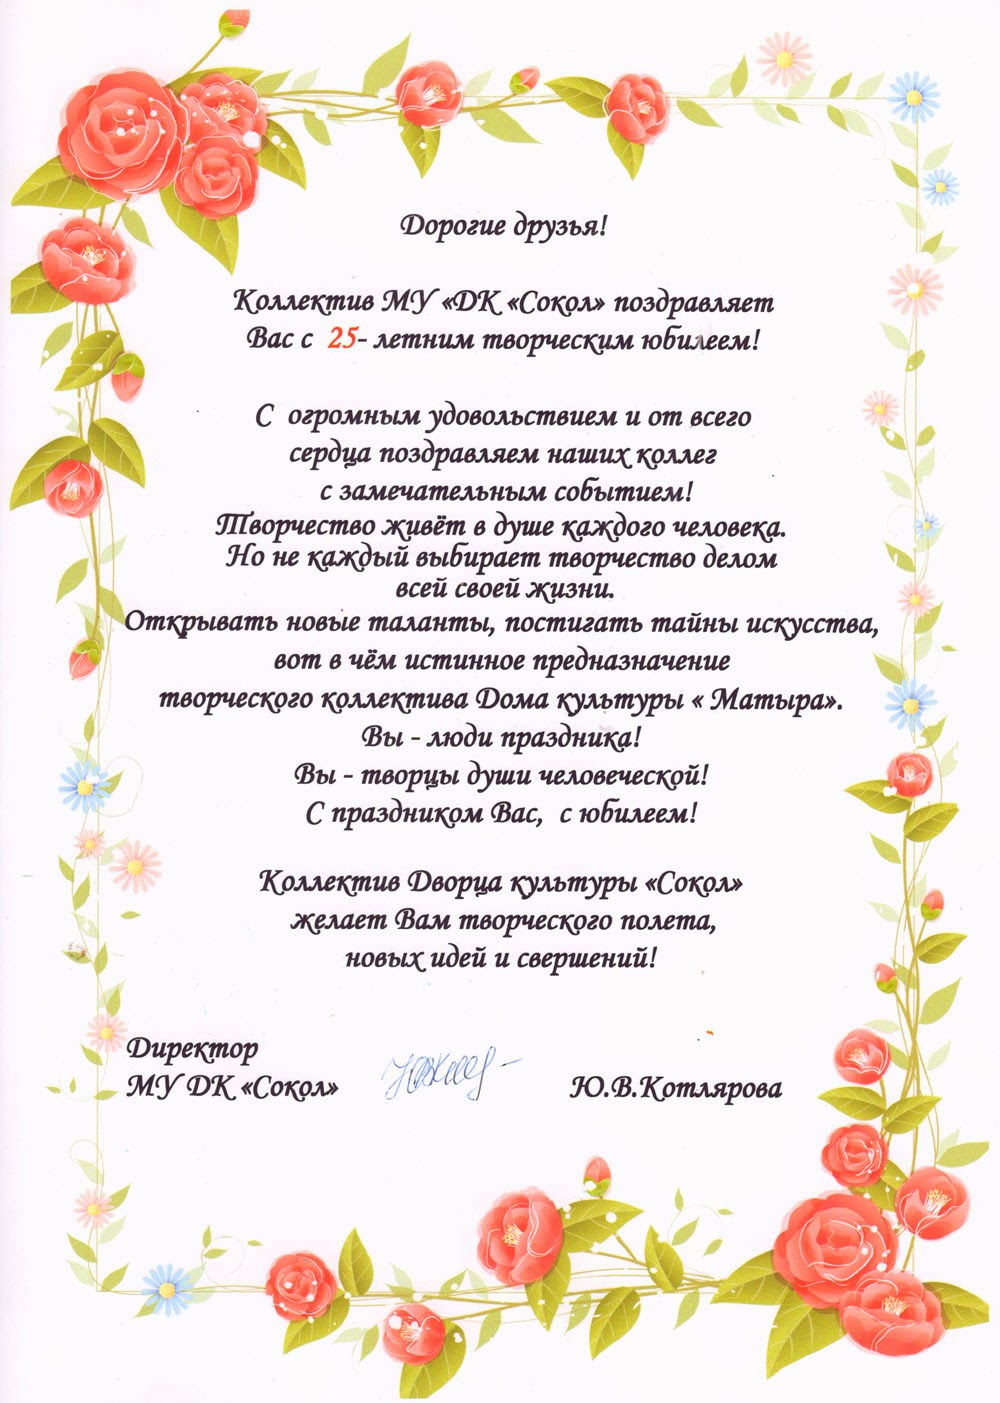 Поздравления с годовщиной работы в коллективе